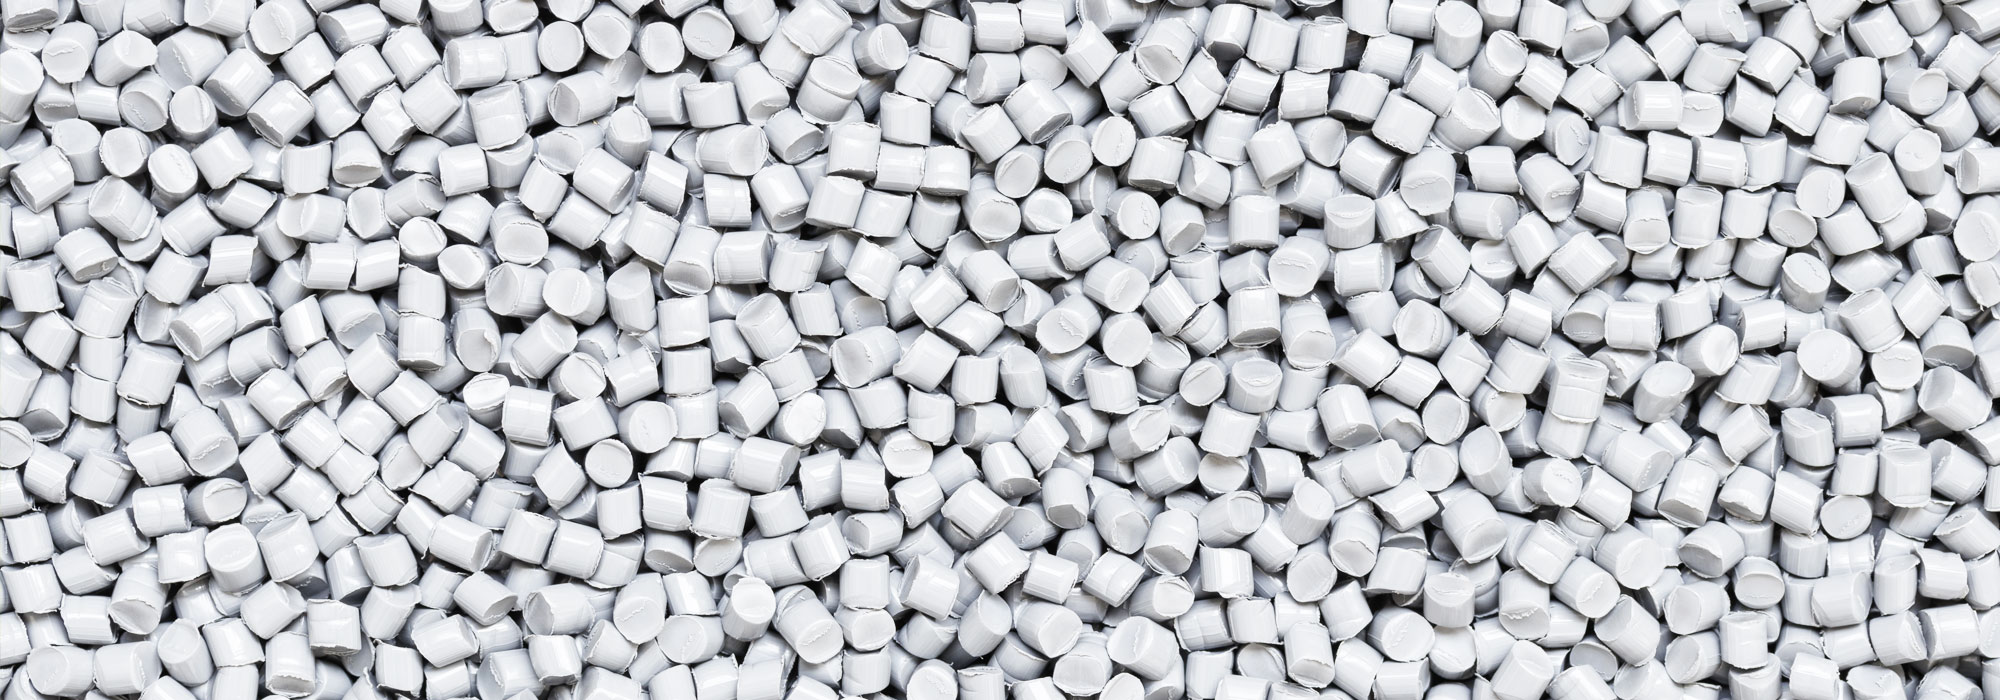 AMK Polymer